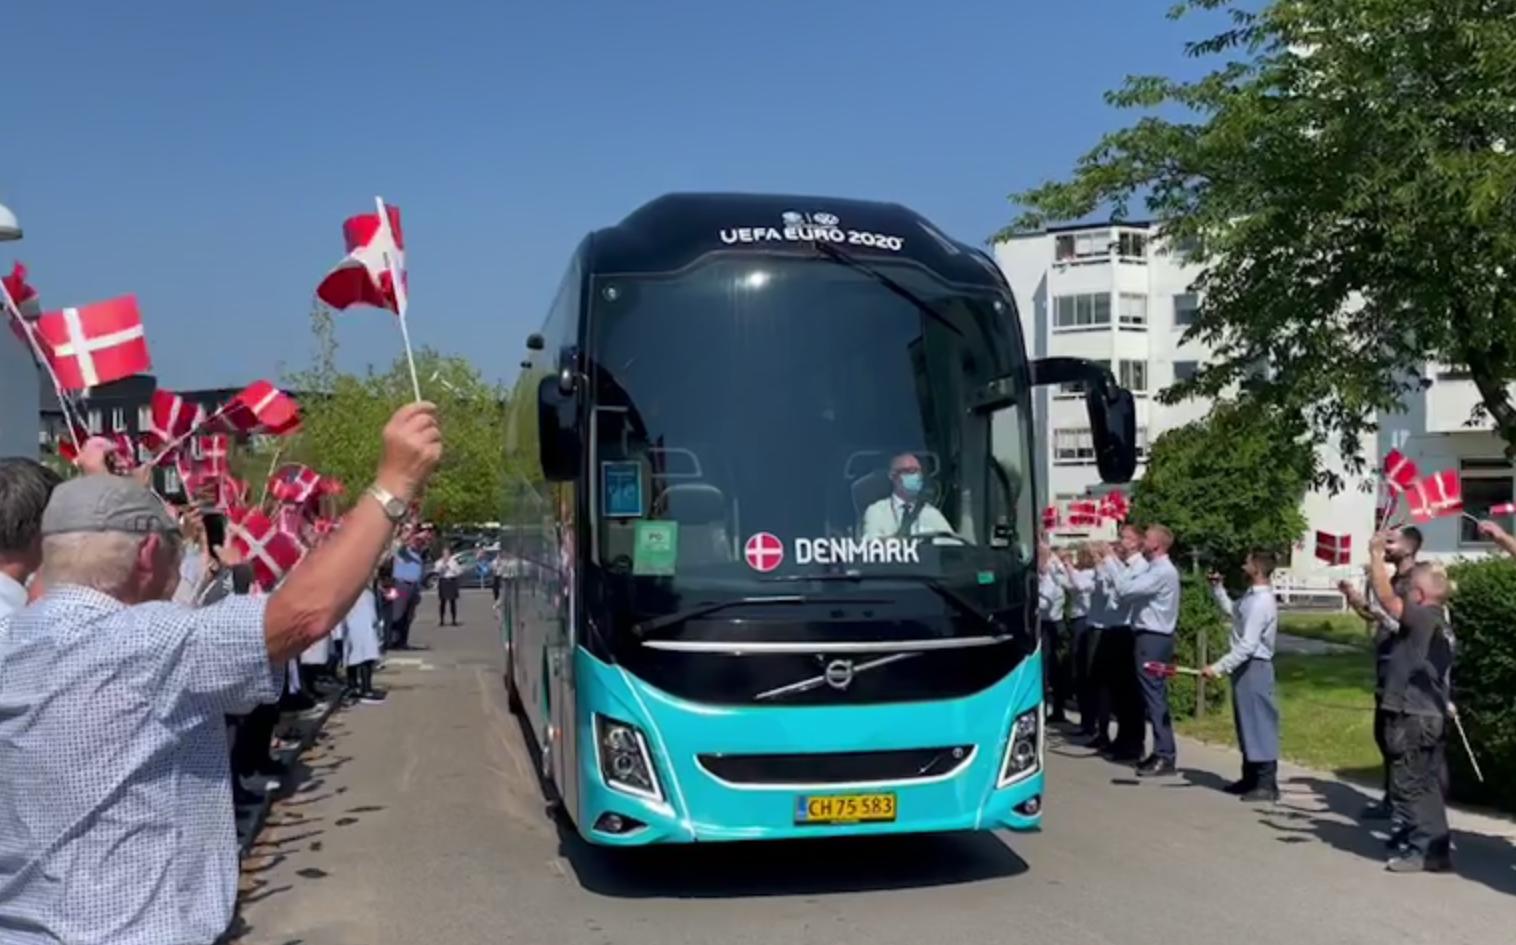 Fodboldlandsholdet rejser fredag til Amsterdam, hvor det lørdag spiller ottendelsfinale mod Wales. Her forlader landsholdsbussen landsholdets hotel, Marienlyst ved Helsingør, til gruppekampen mod Belgien. Foto: Hotel Marienlyst.